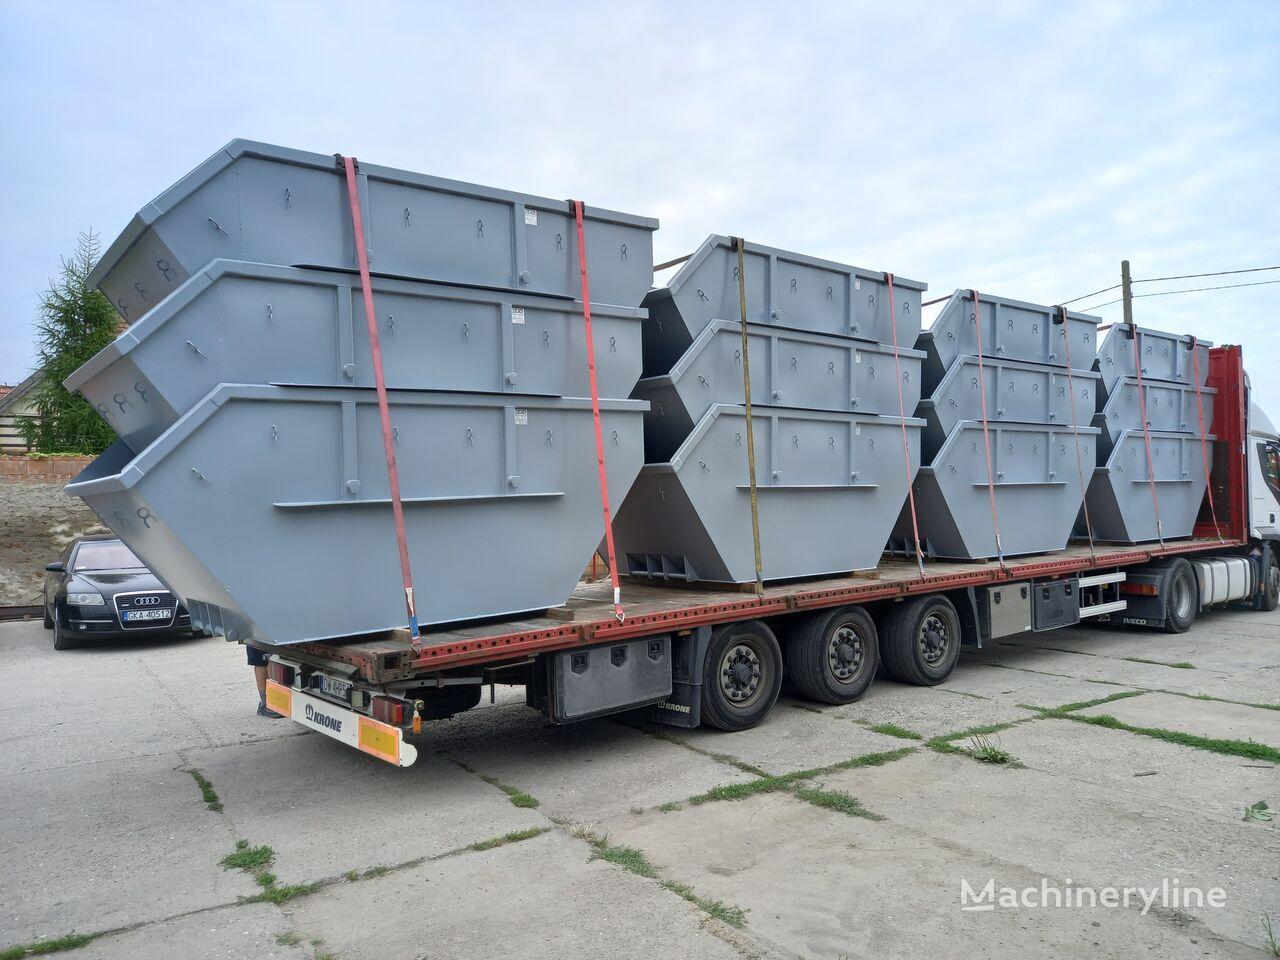 جديد حاوية مخلفات البناء Absetzcontainer Absetzmulde Container Mulde 7cbm offen DIN 30720